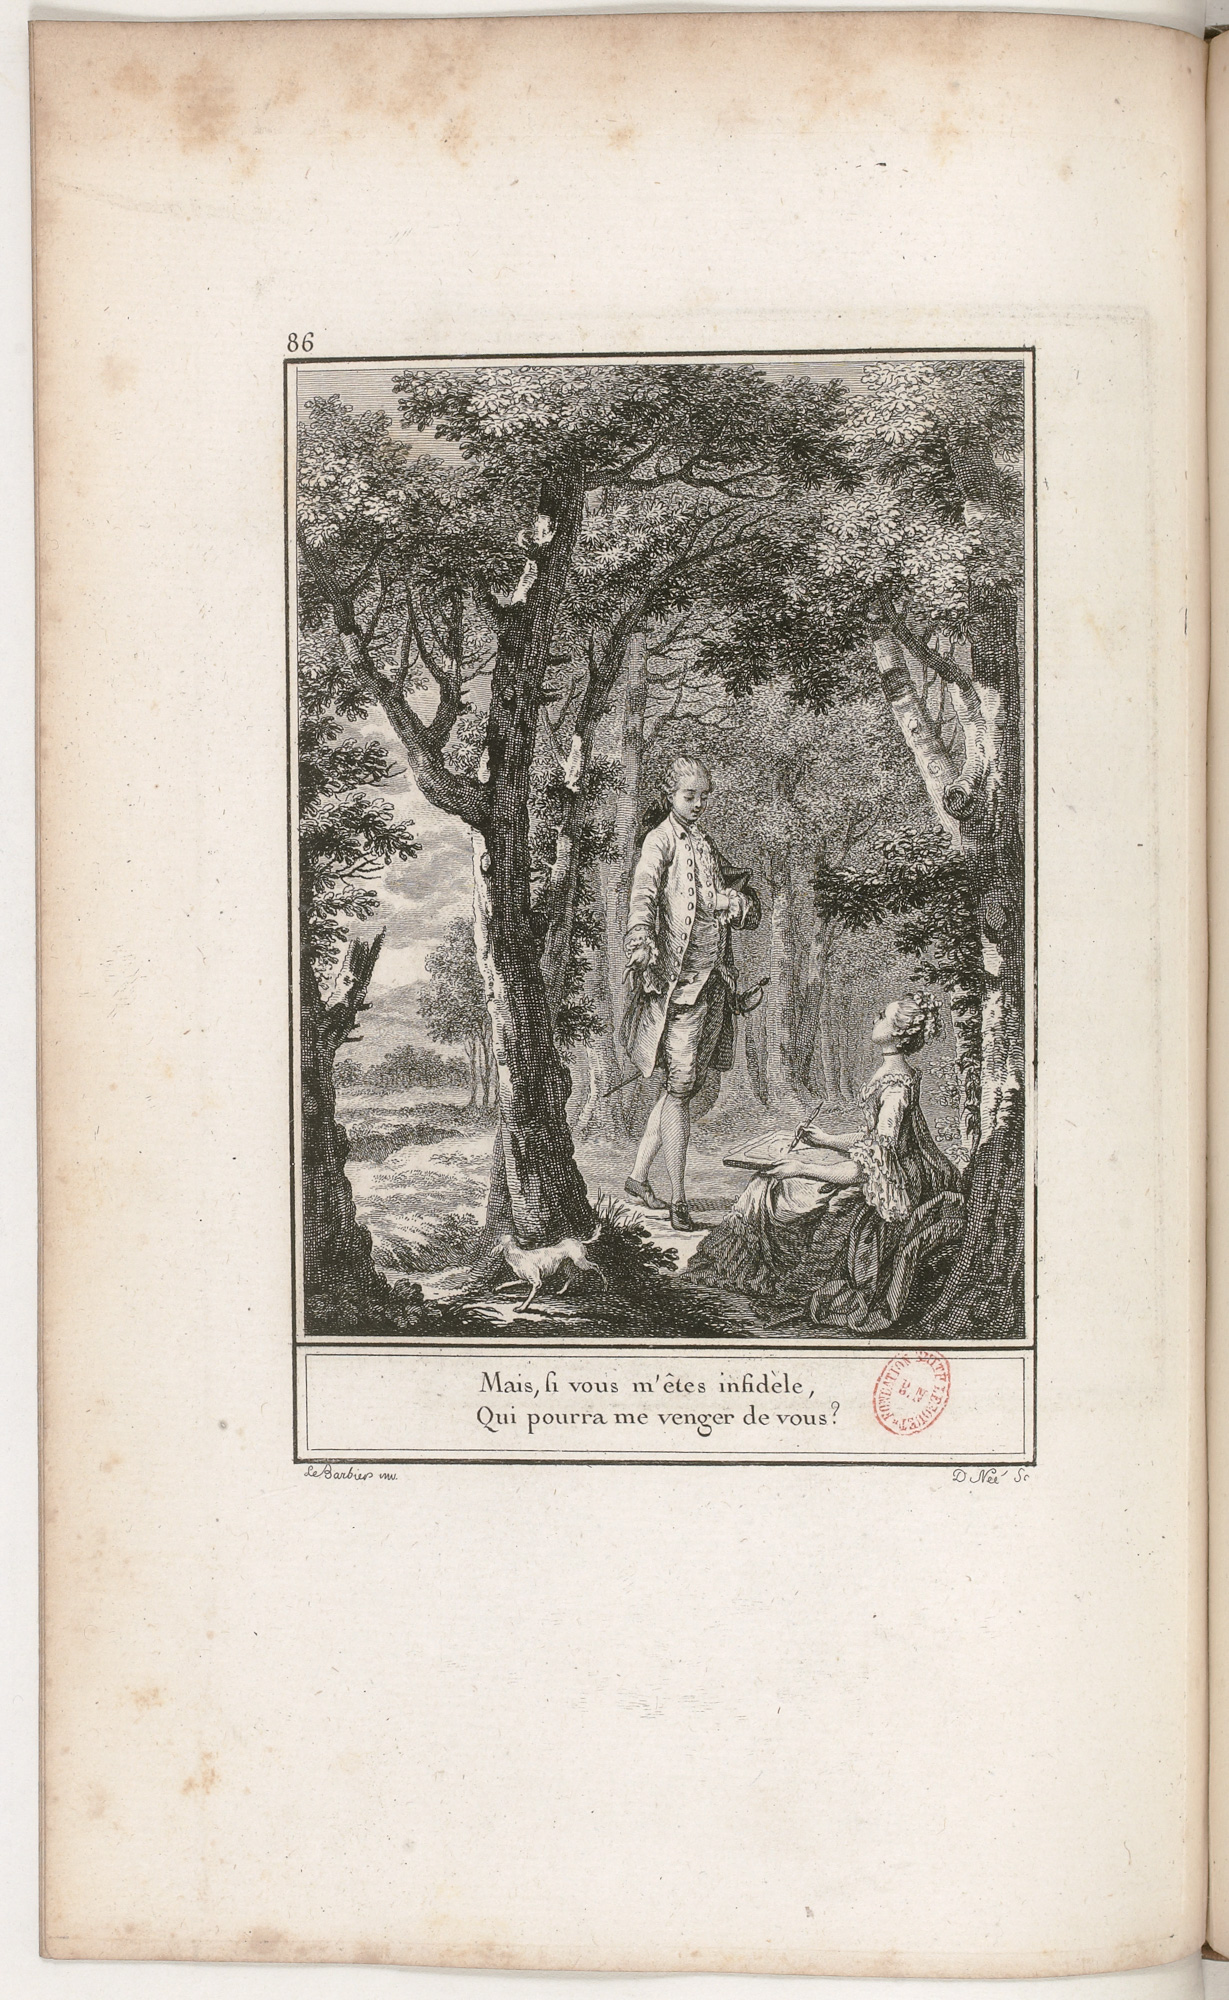 S.3.15 La vengeance impossible, 1772, Image